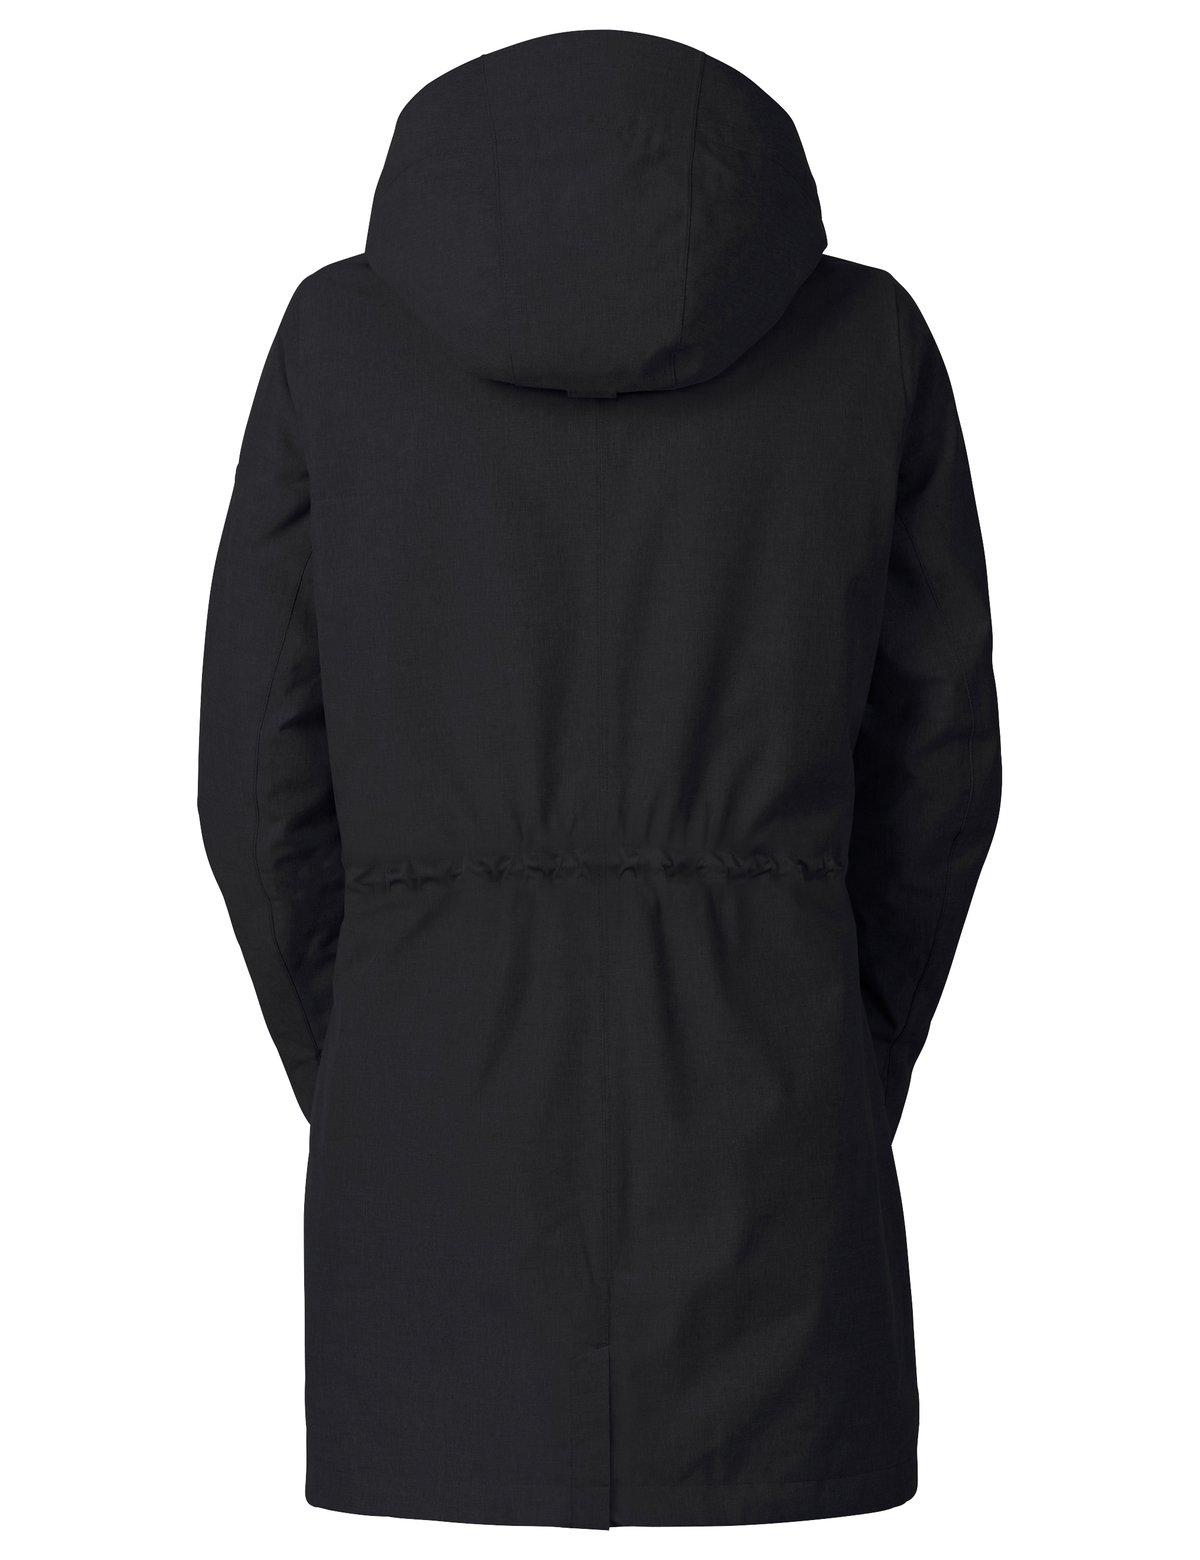 611WQA39vRL - VAUDE Women's Ceduna Coat Jacket